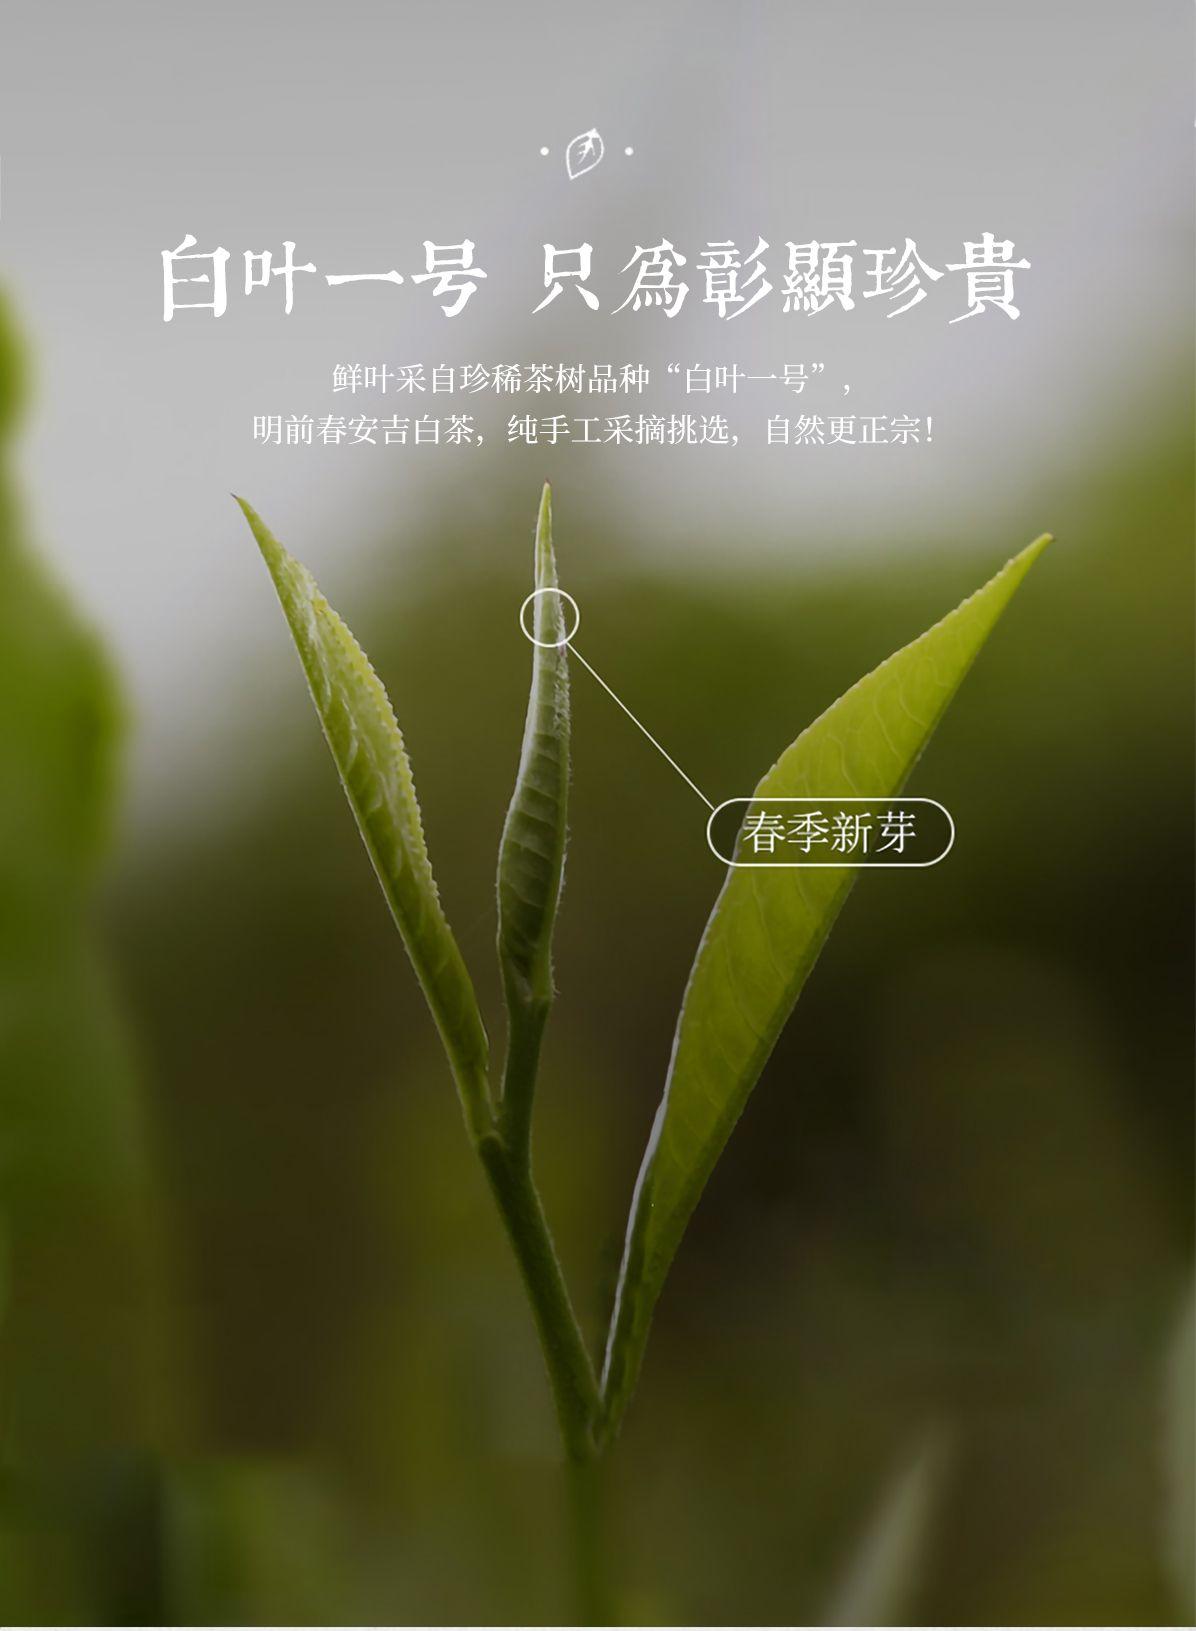 4-13-官网白茶详情_05.jpg